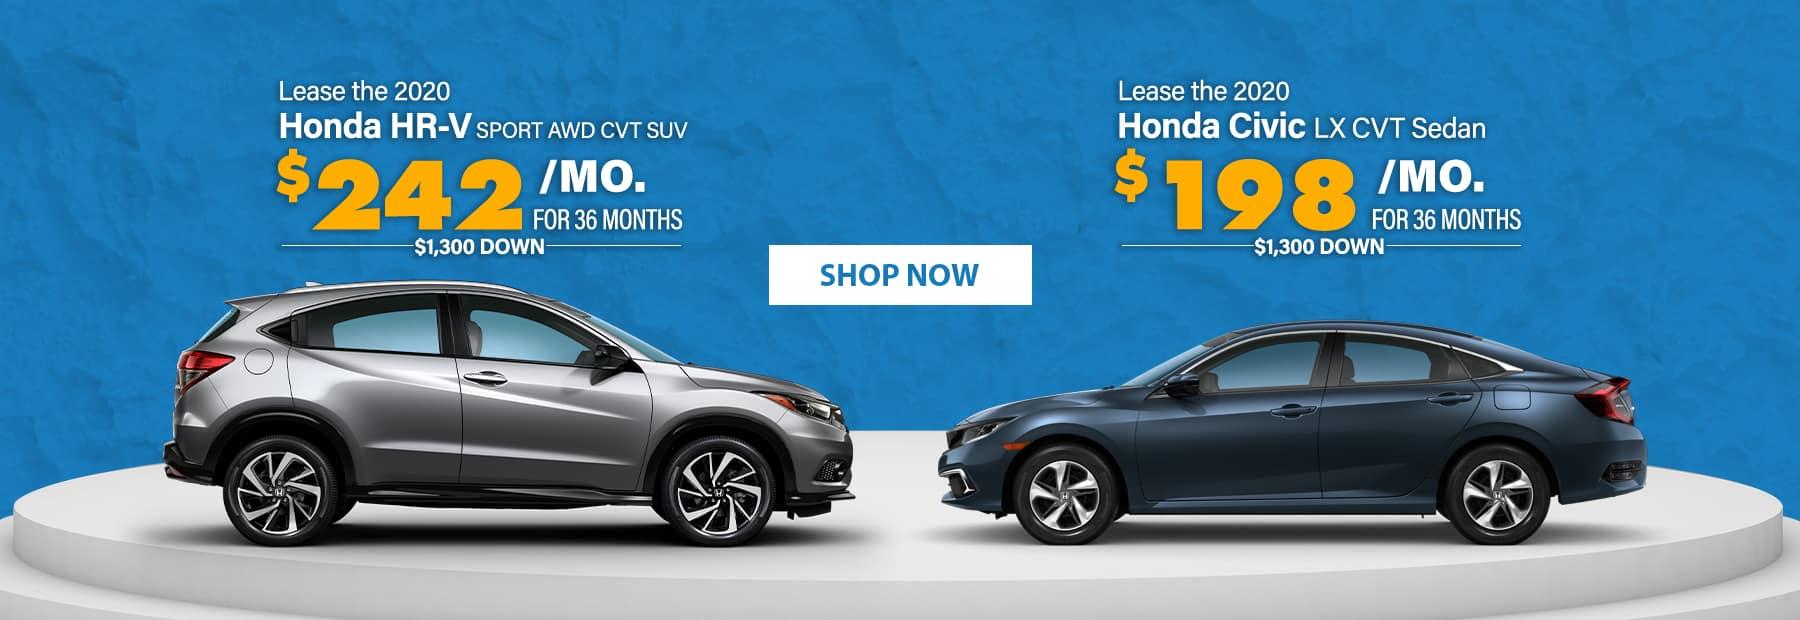 Lease a 2020 Honda HR-V Sport AWD CVT SUV or Lease a 2020 Honda Civic LX CVT Sedan